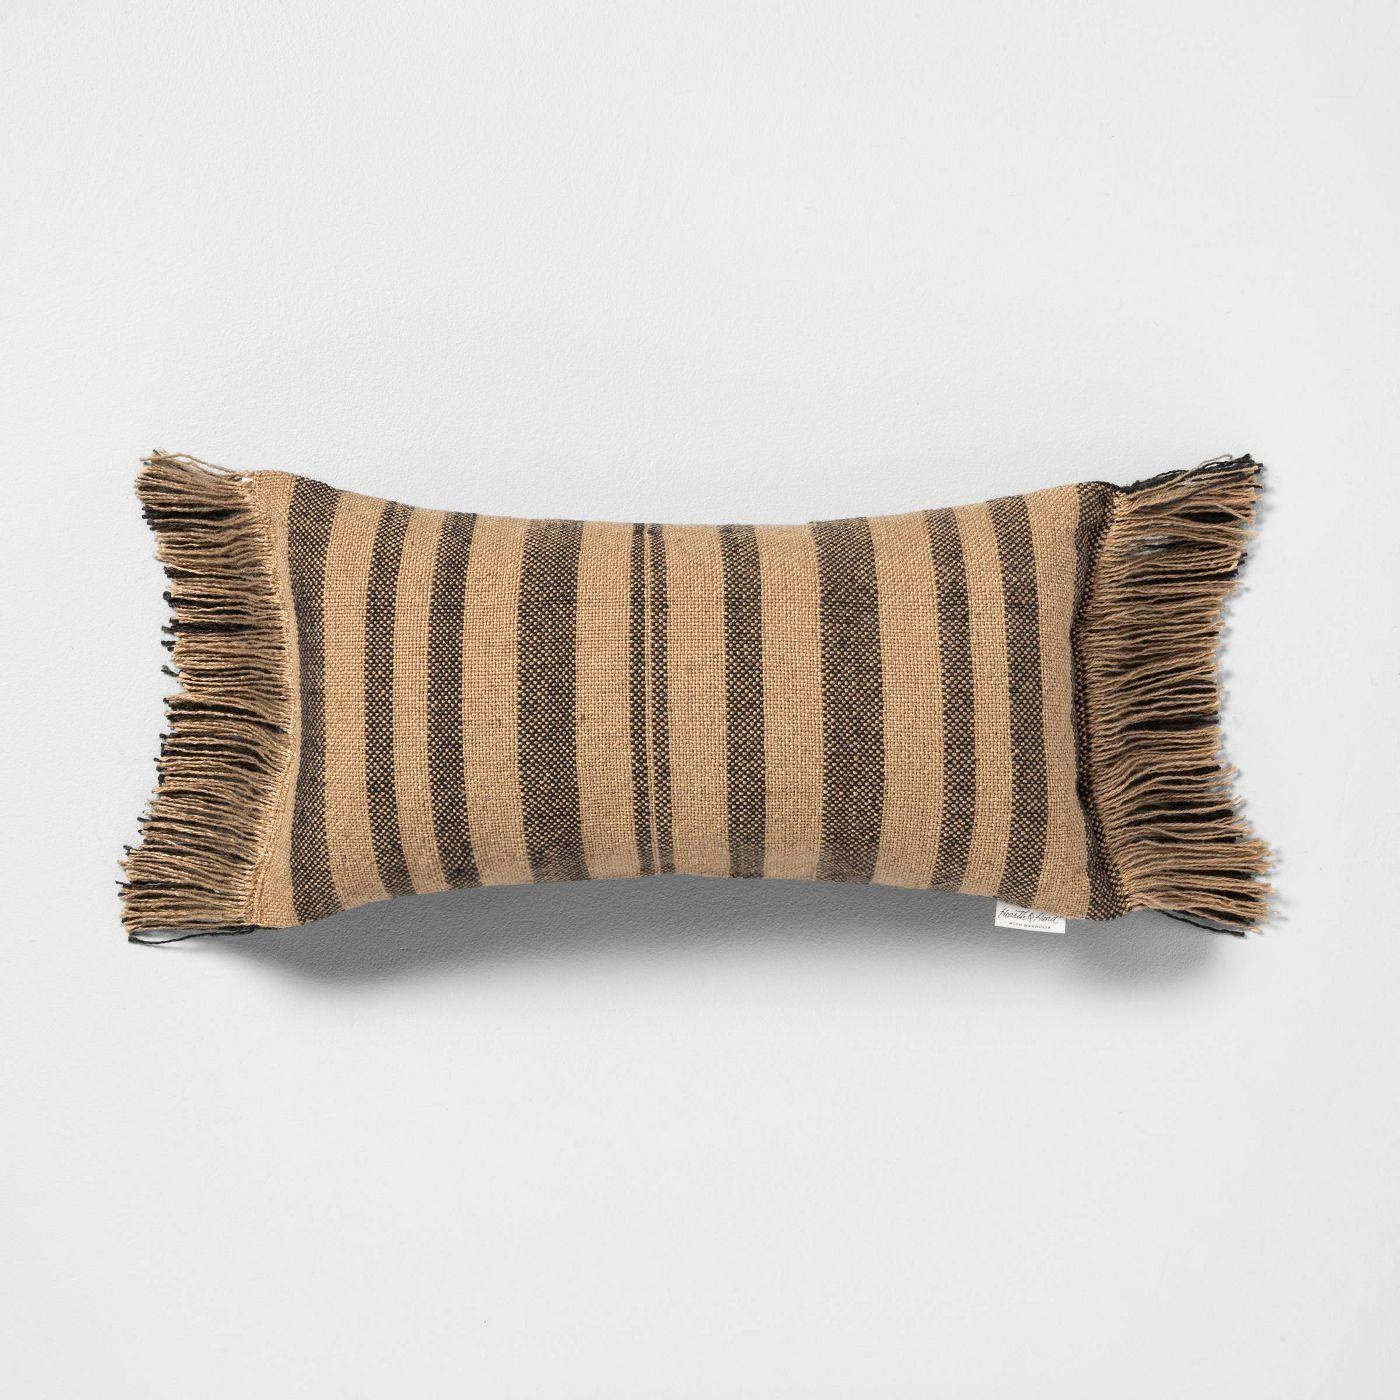 targethomedecor Outdoor pillows, Outdoor decorative